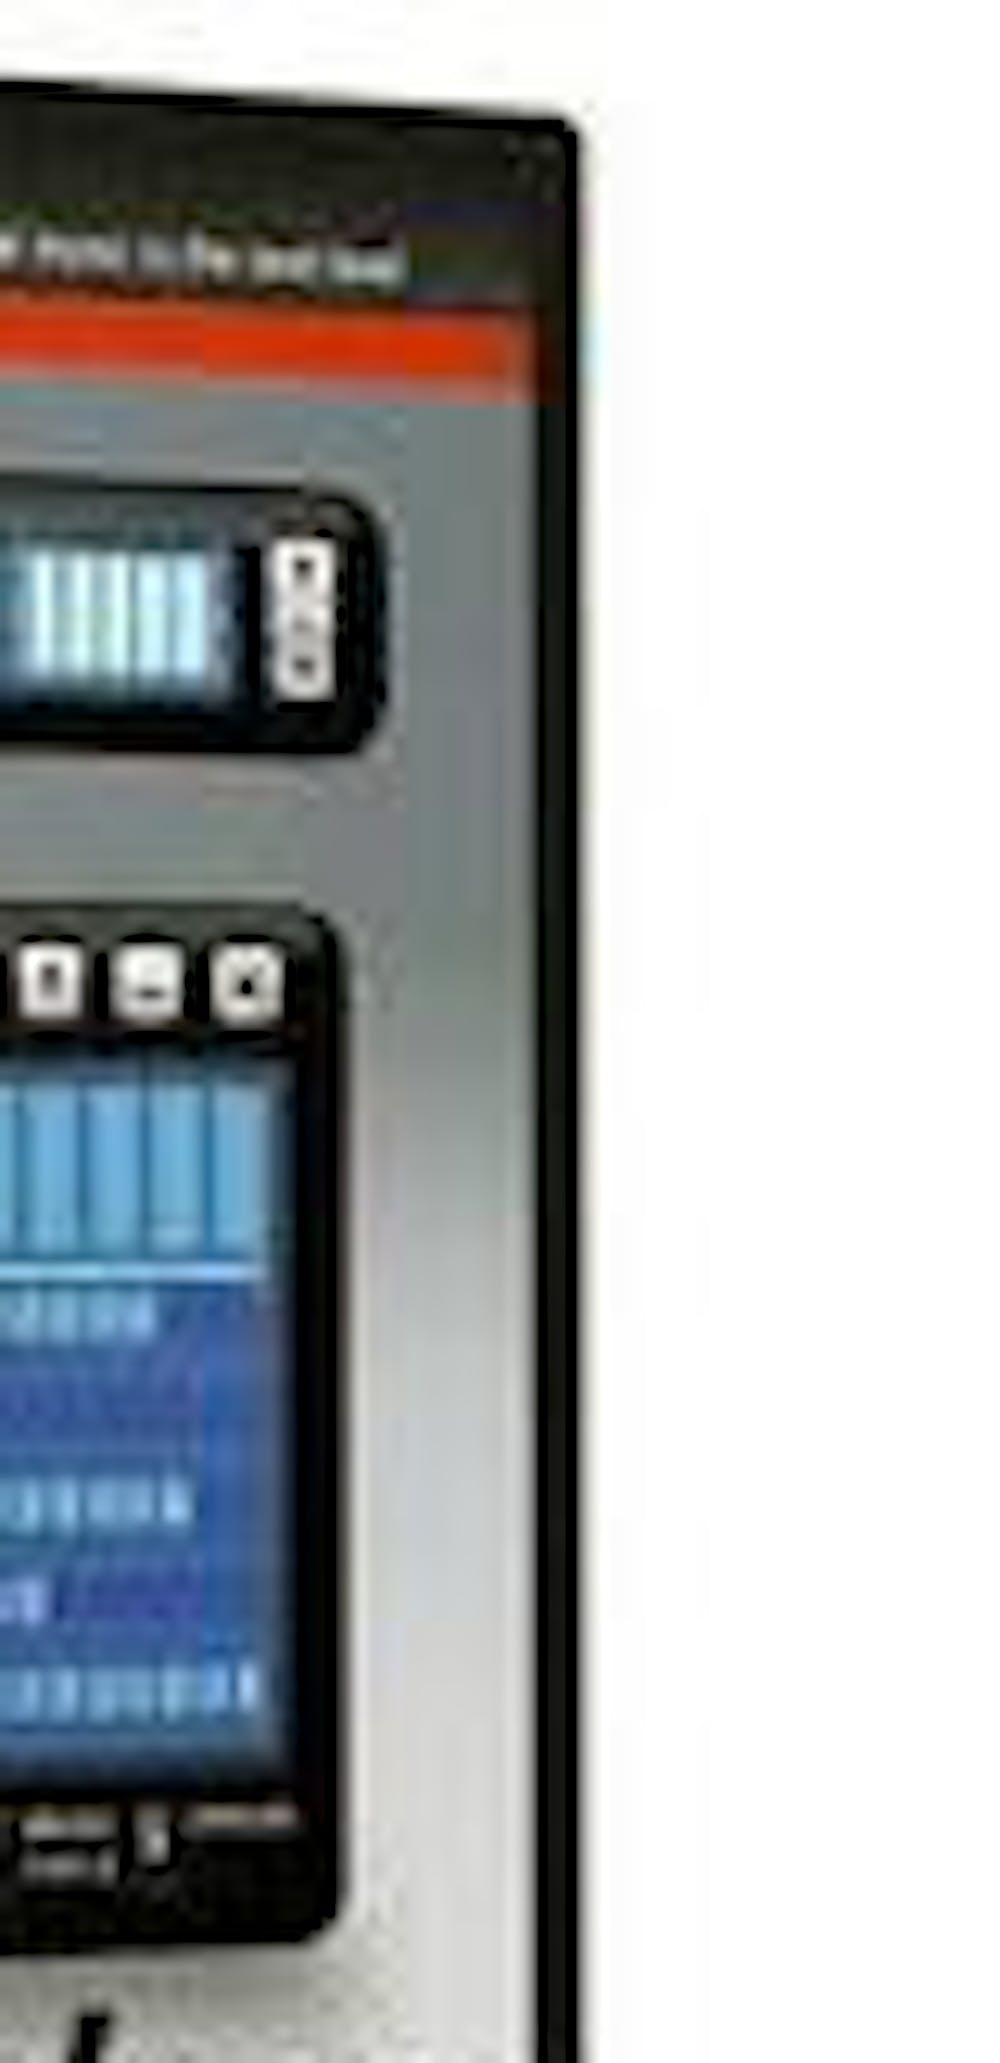 dfx audio enhancer 11 serial key